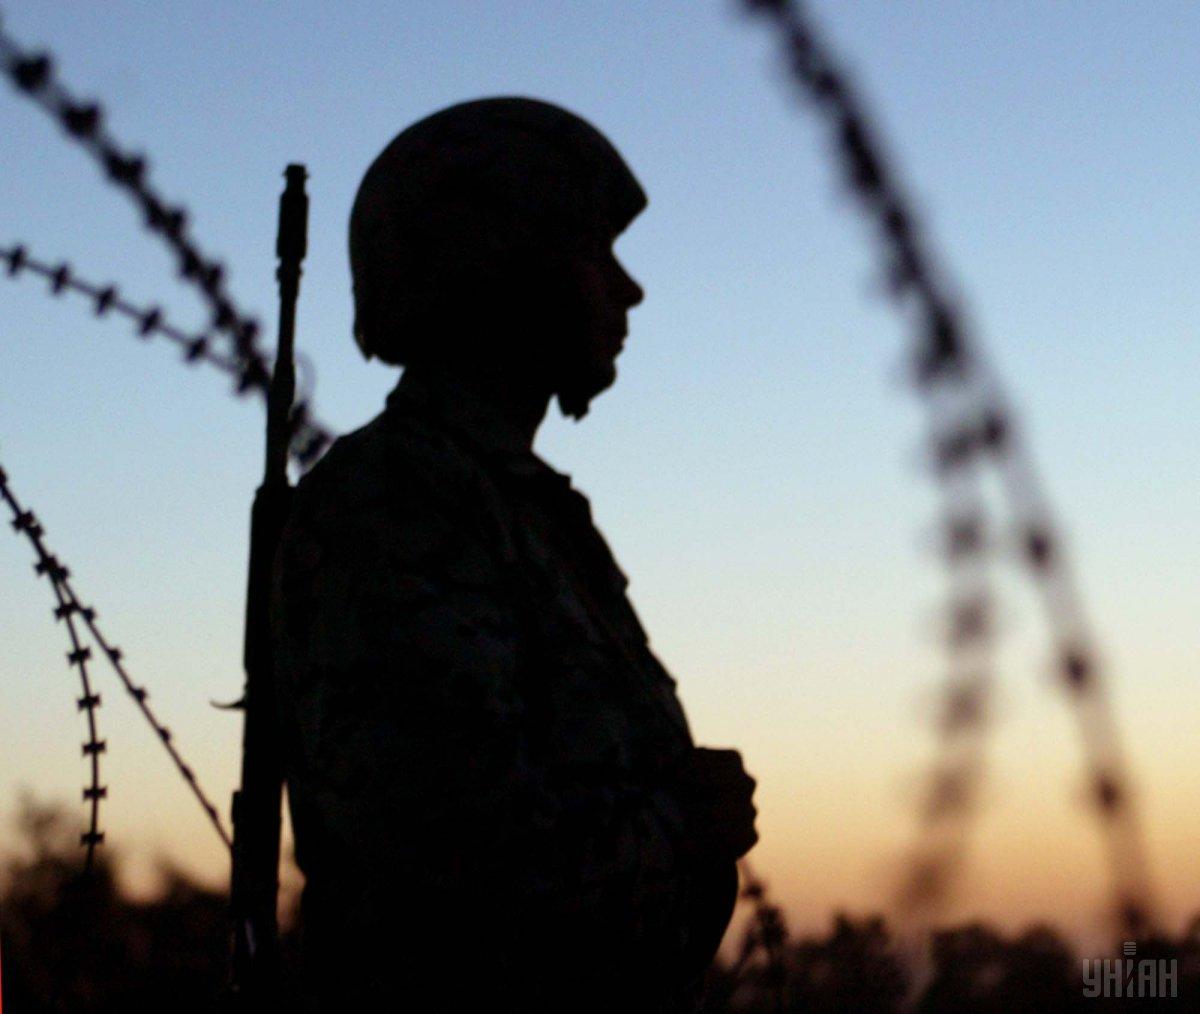 ВСУ осуществляли превентивные меры относительно провокаций боевиков / фото УНИАН